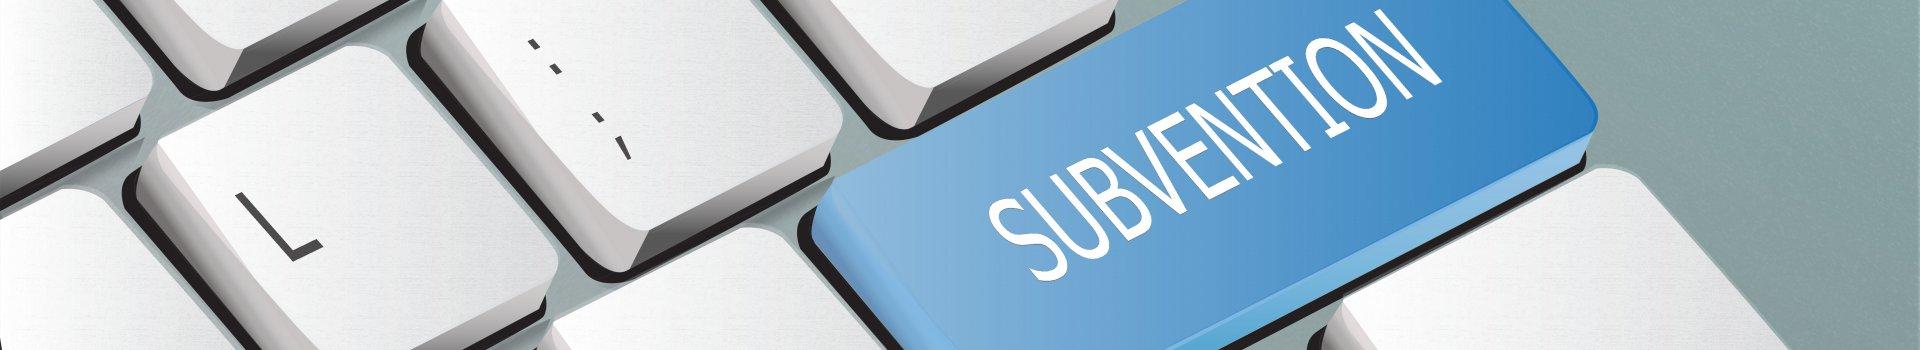 Demandes de subventions